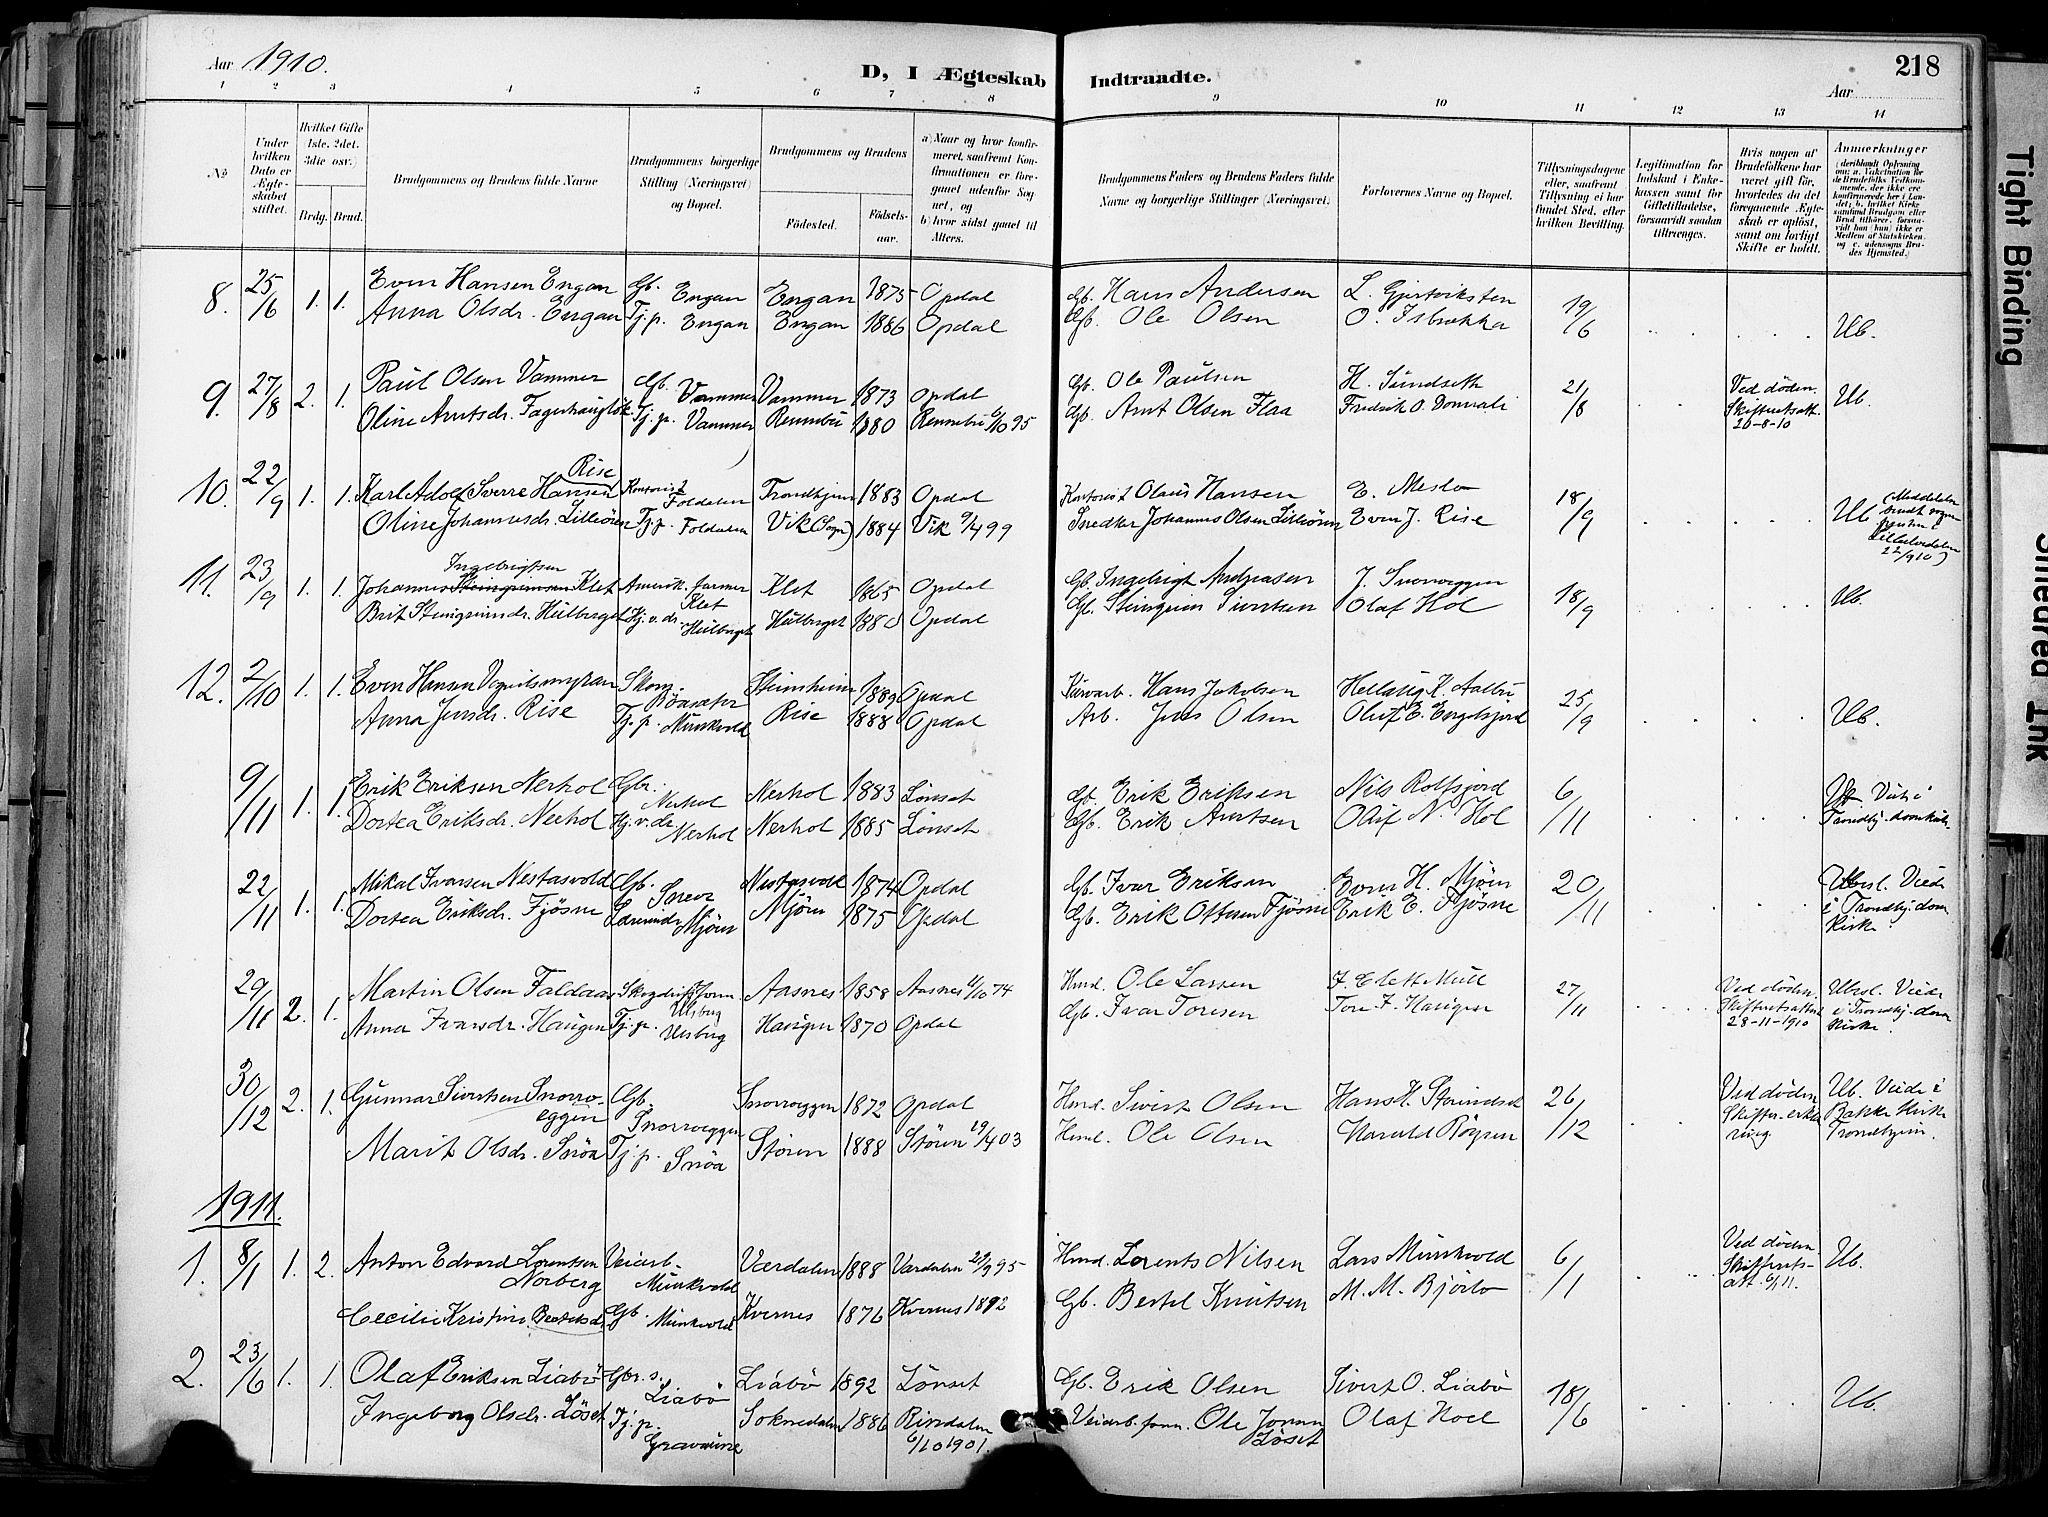 SAT, Ministerialprotokoller, klokkerbøker og fødselsregistre - Sør-Trøndelag, 678/L0902: Ministerialbok nr. 678A11, 1895-1911, s. 218